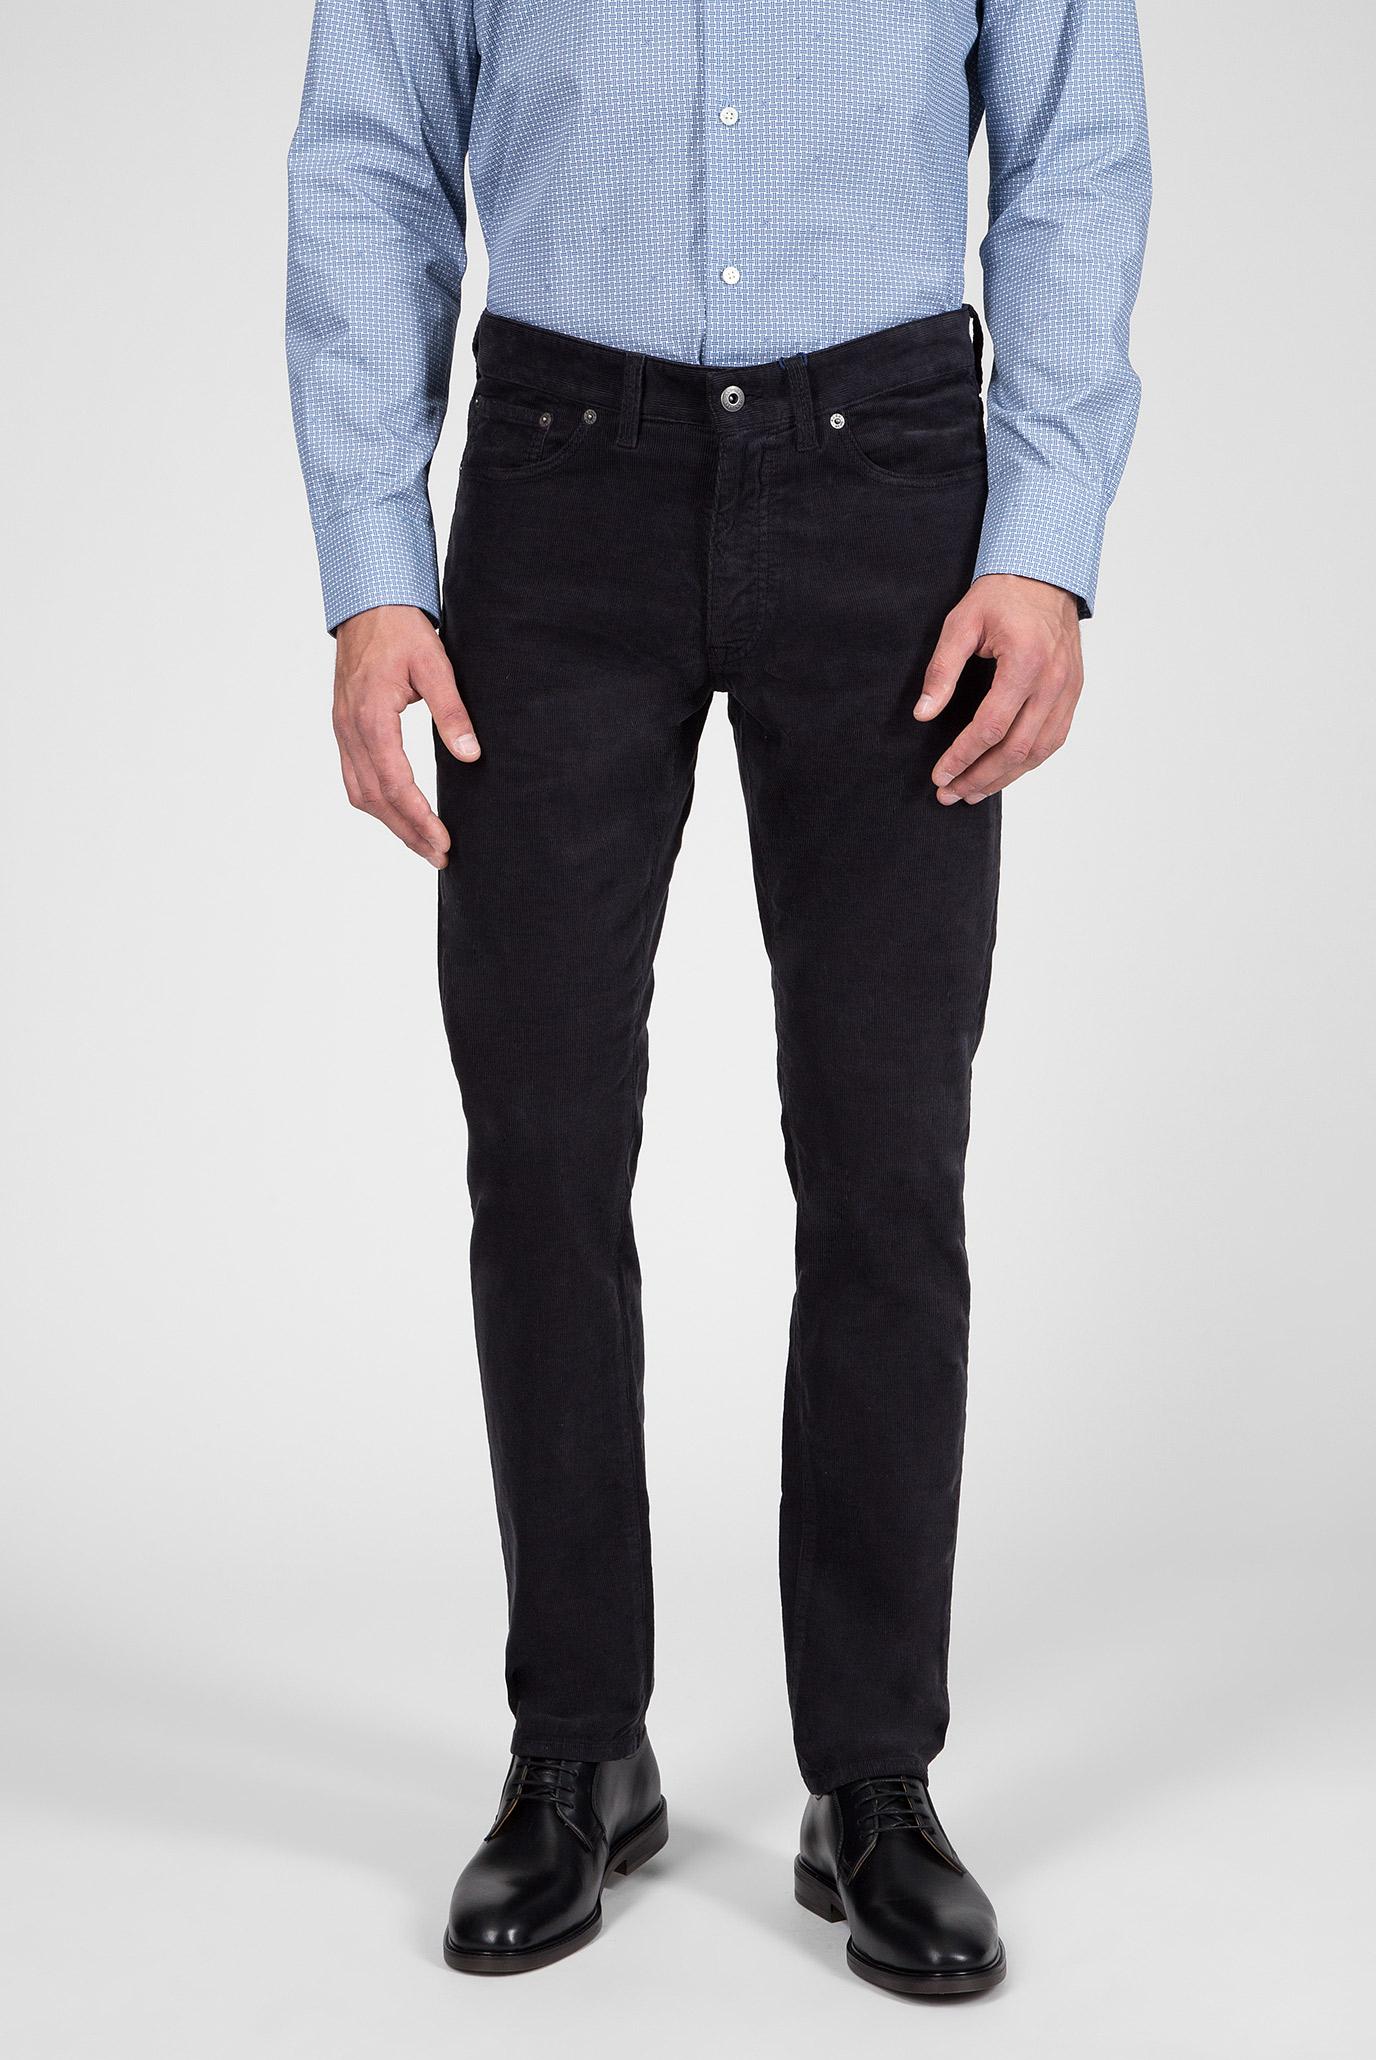 Мужские темно-серые вельветовые брюки Slim Cord 1